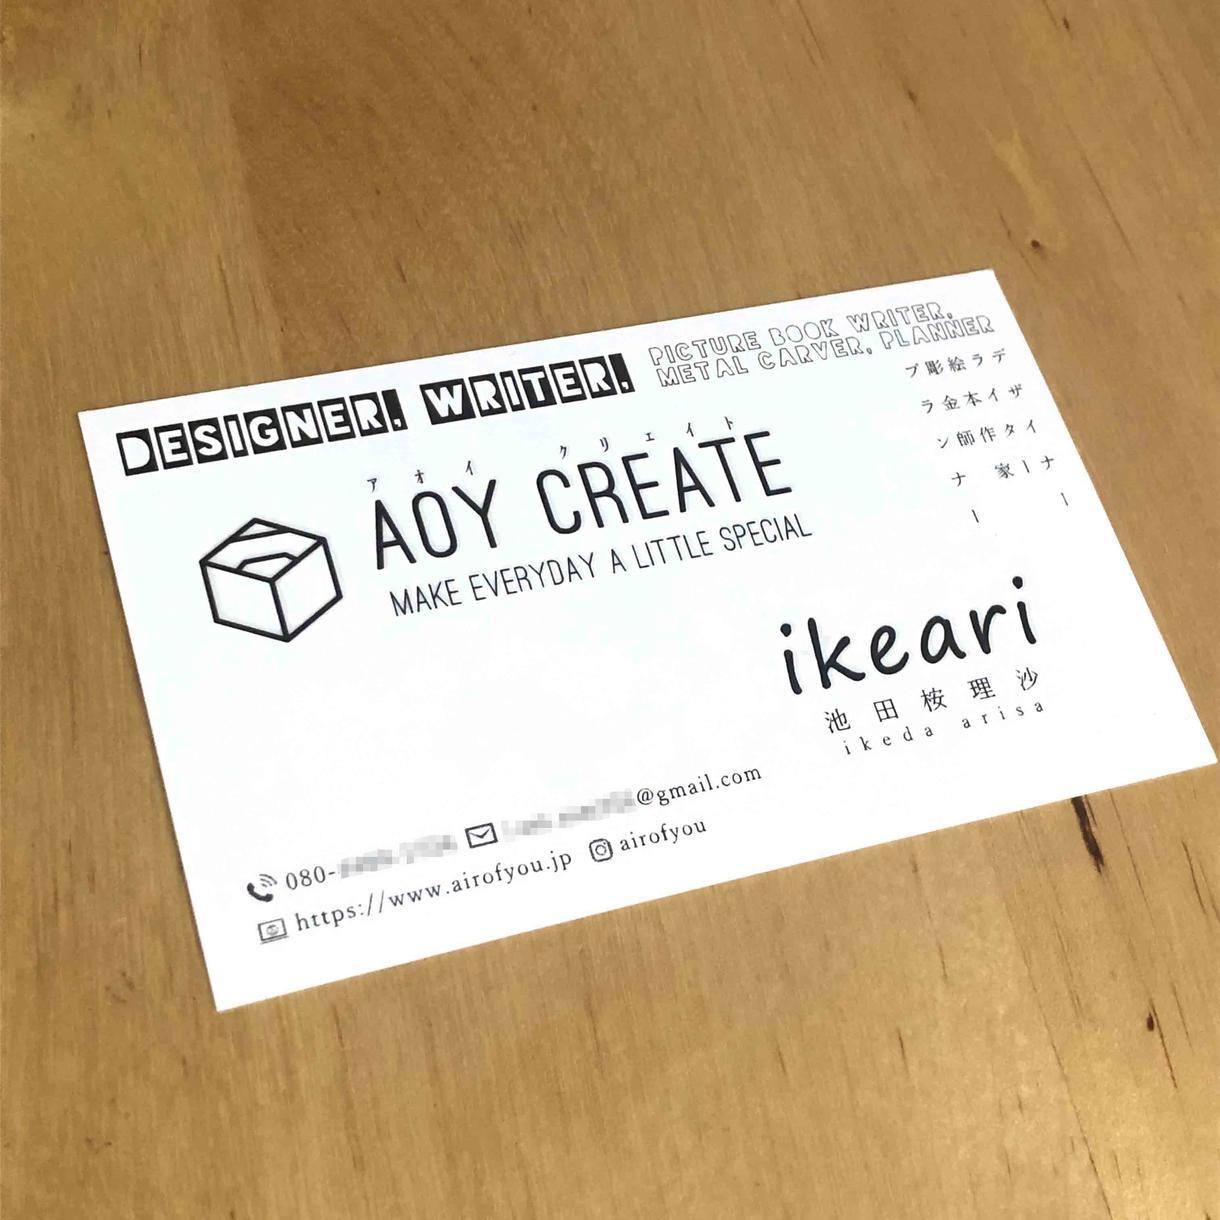 未来も見据えたロゴand名刺をつくります お客様の「ストーリー」をこめたデザインをご提案いたします。 イメージ1